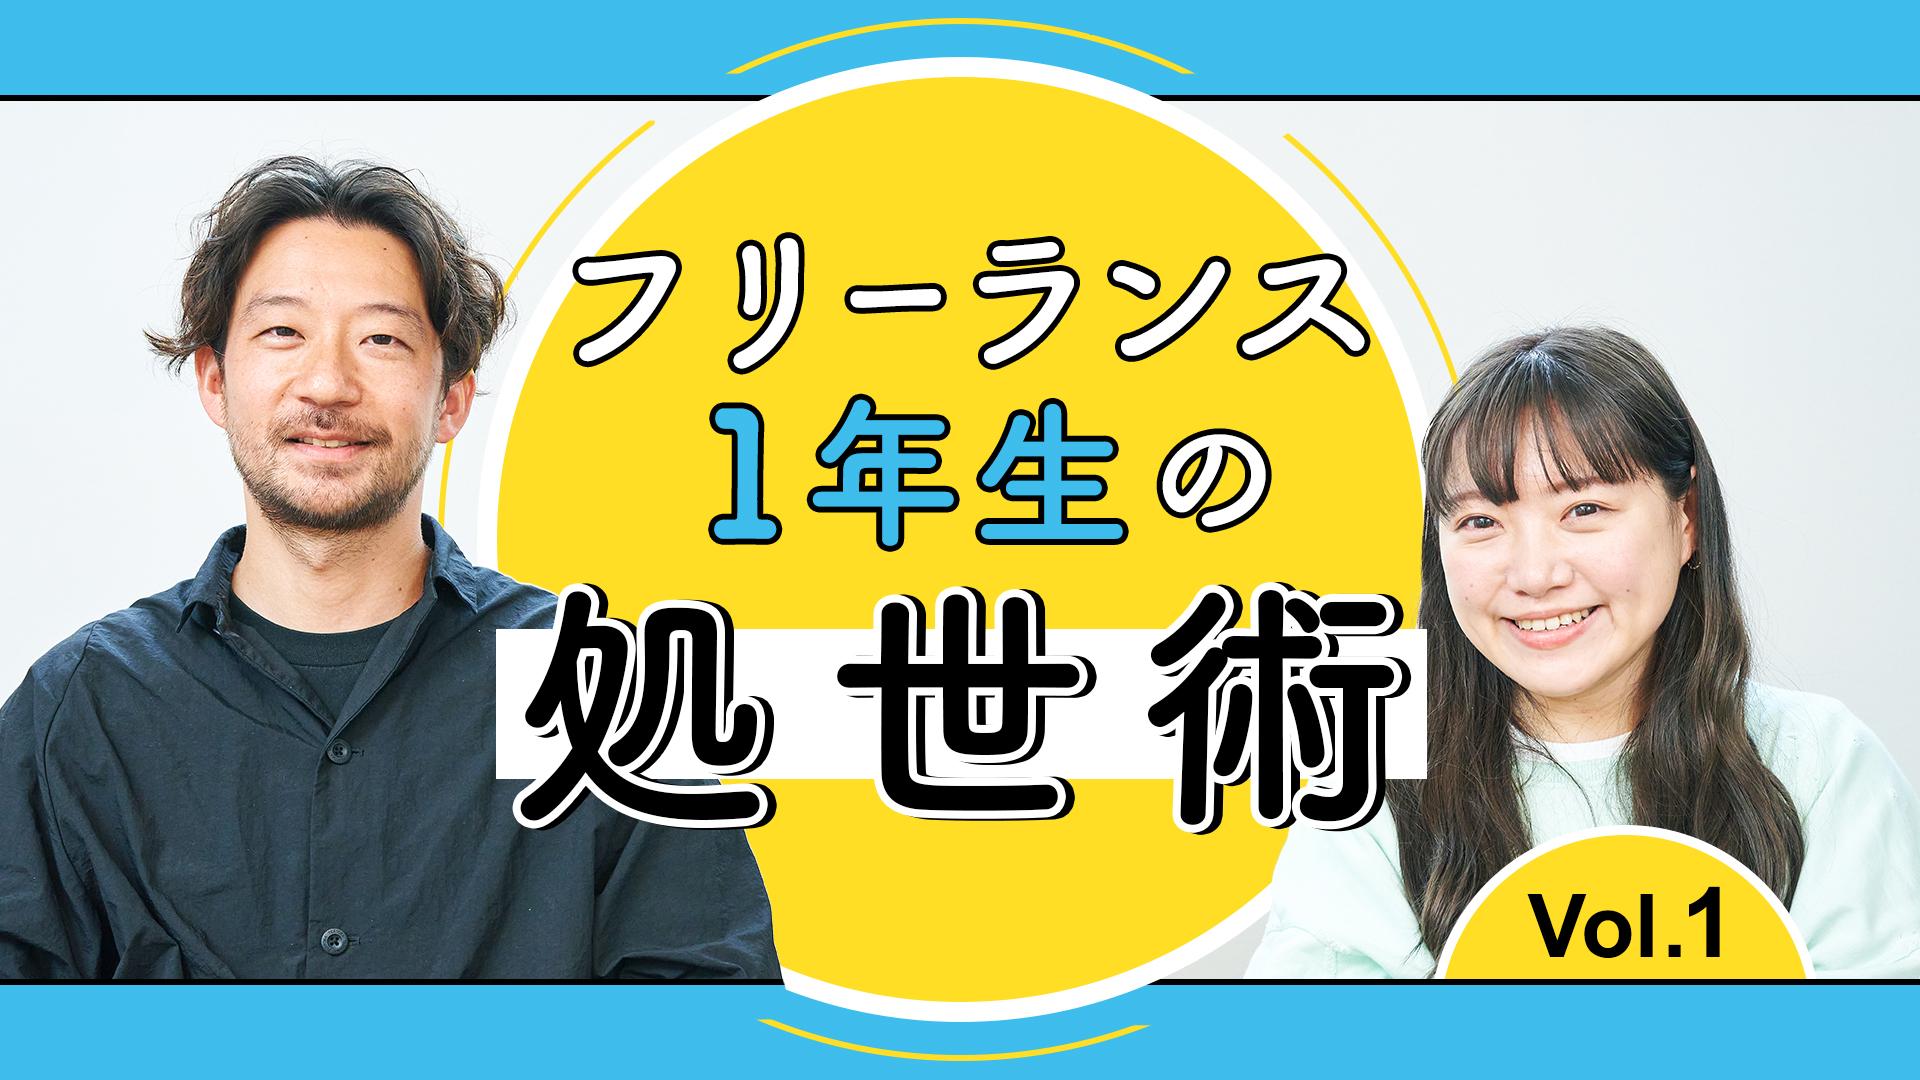 税理士・松崎怜が教えるフリーランス1年生が知っておくべき12のこと【1】「独立したら依存先を増やすべき」